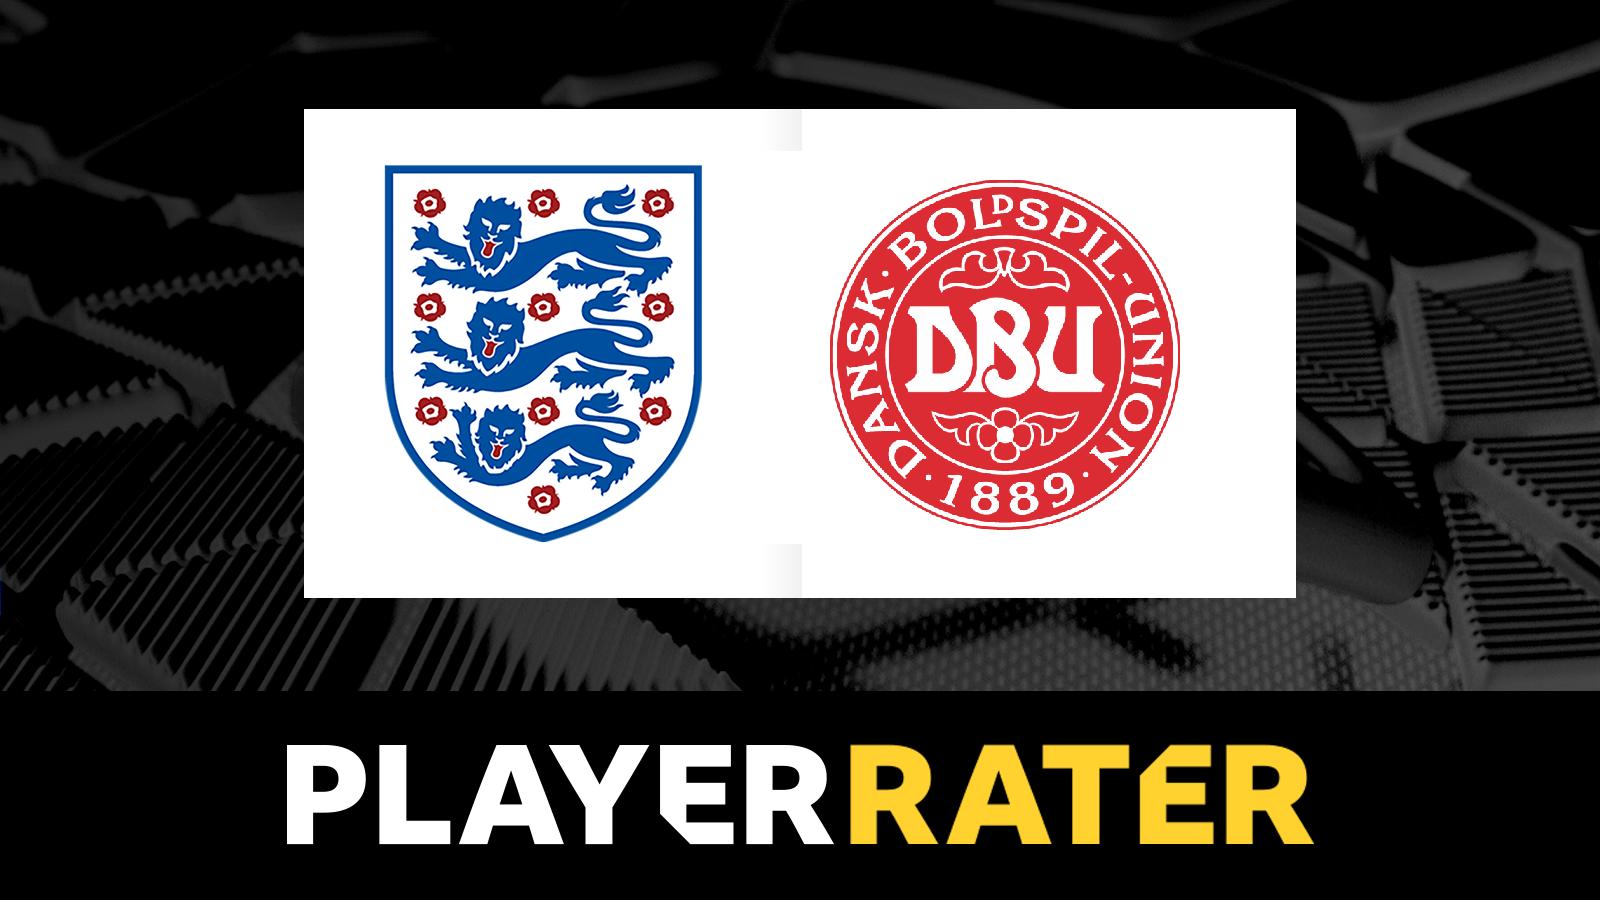 England v Denmark - player rater